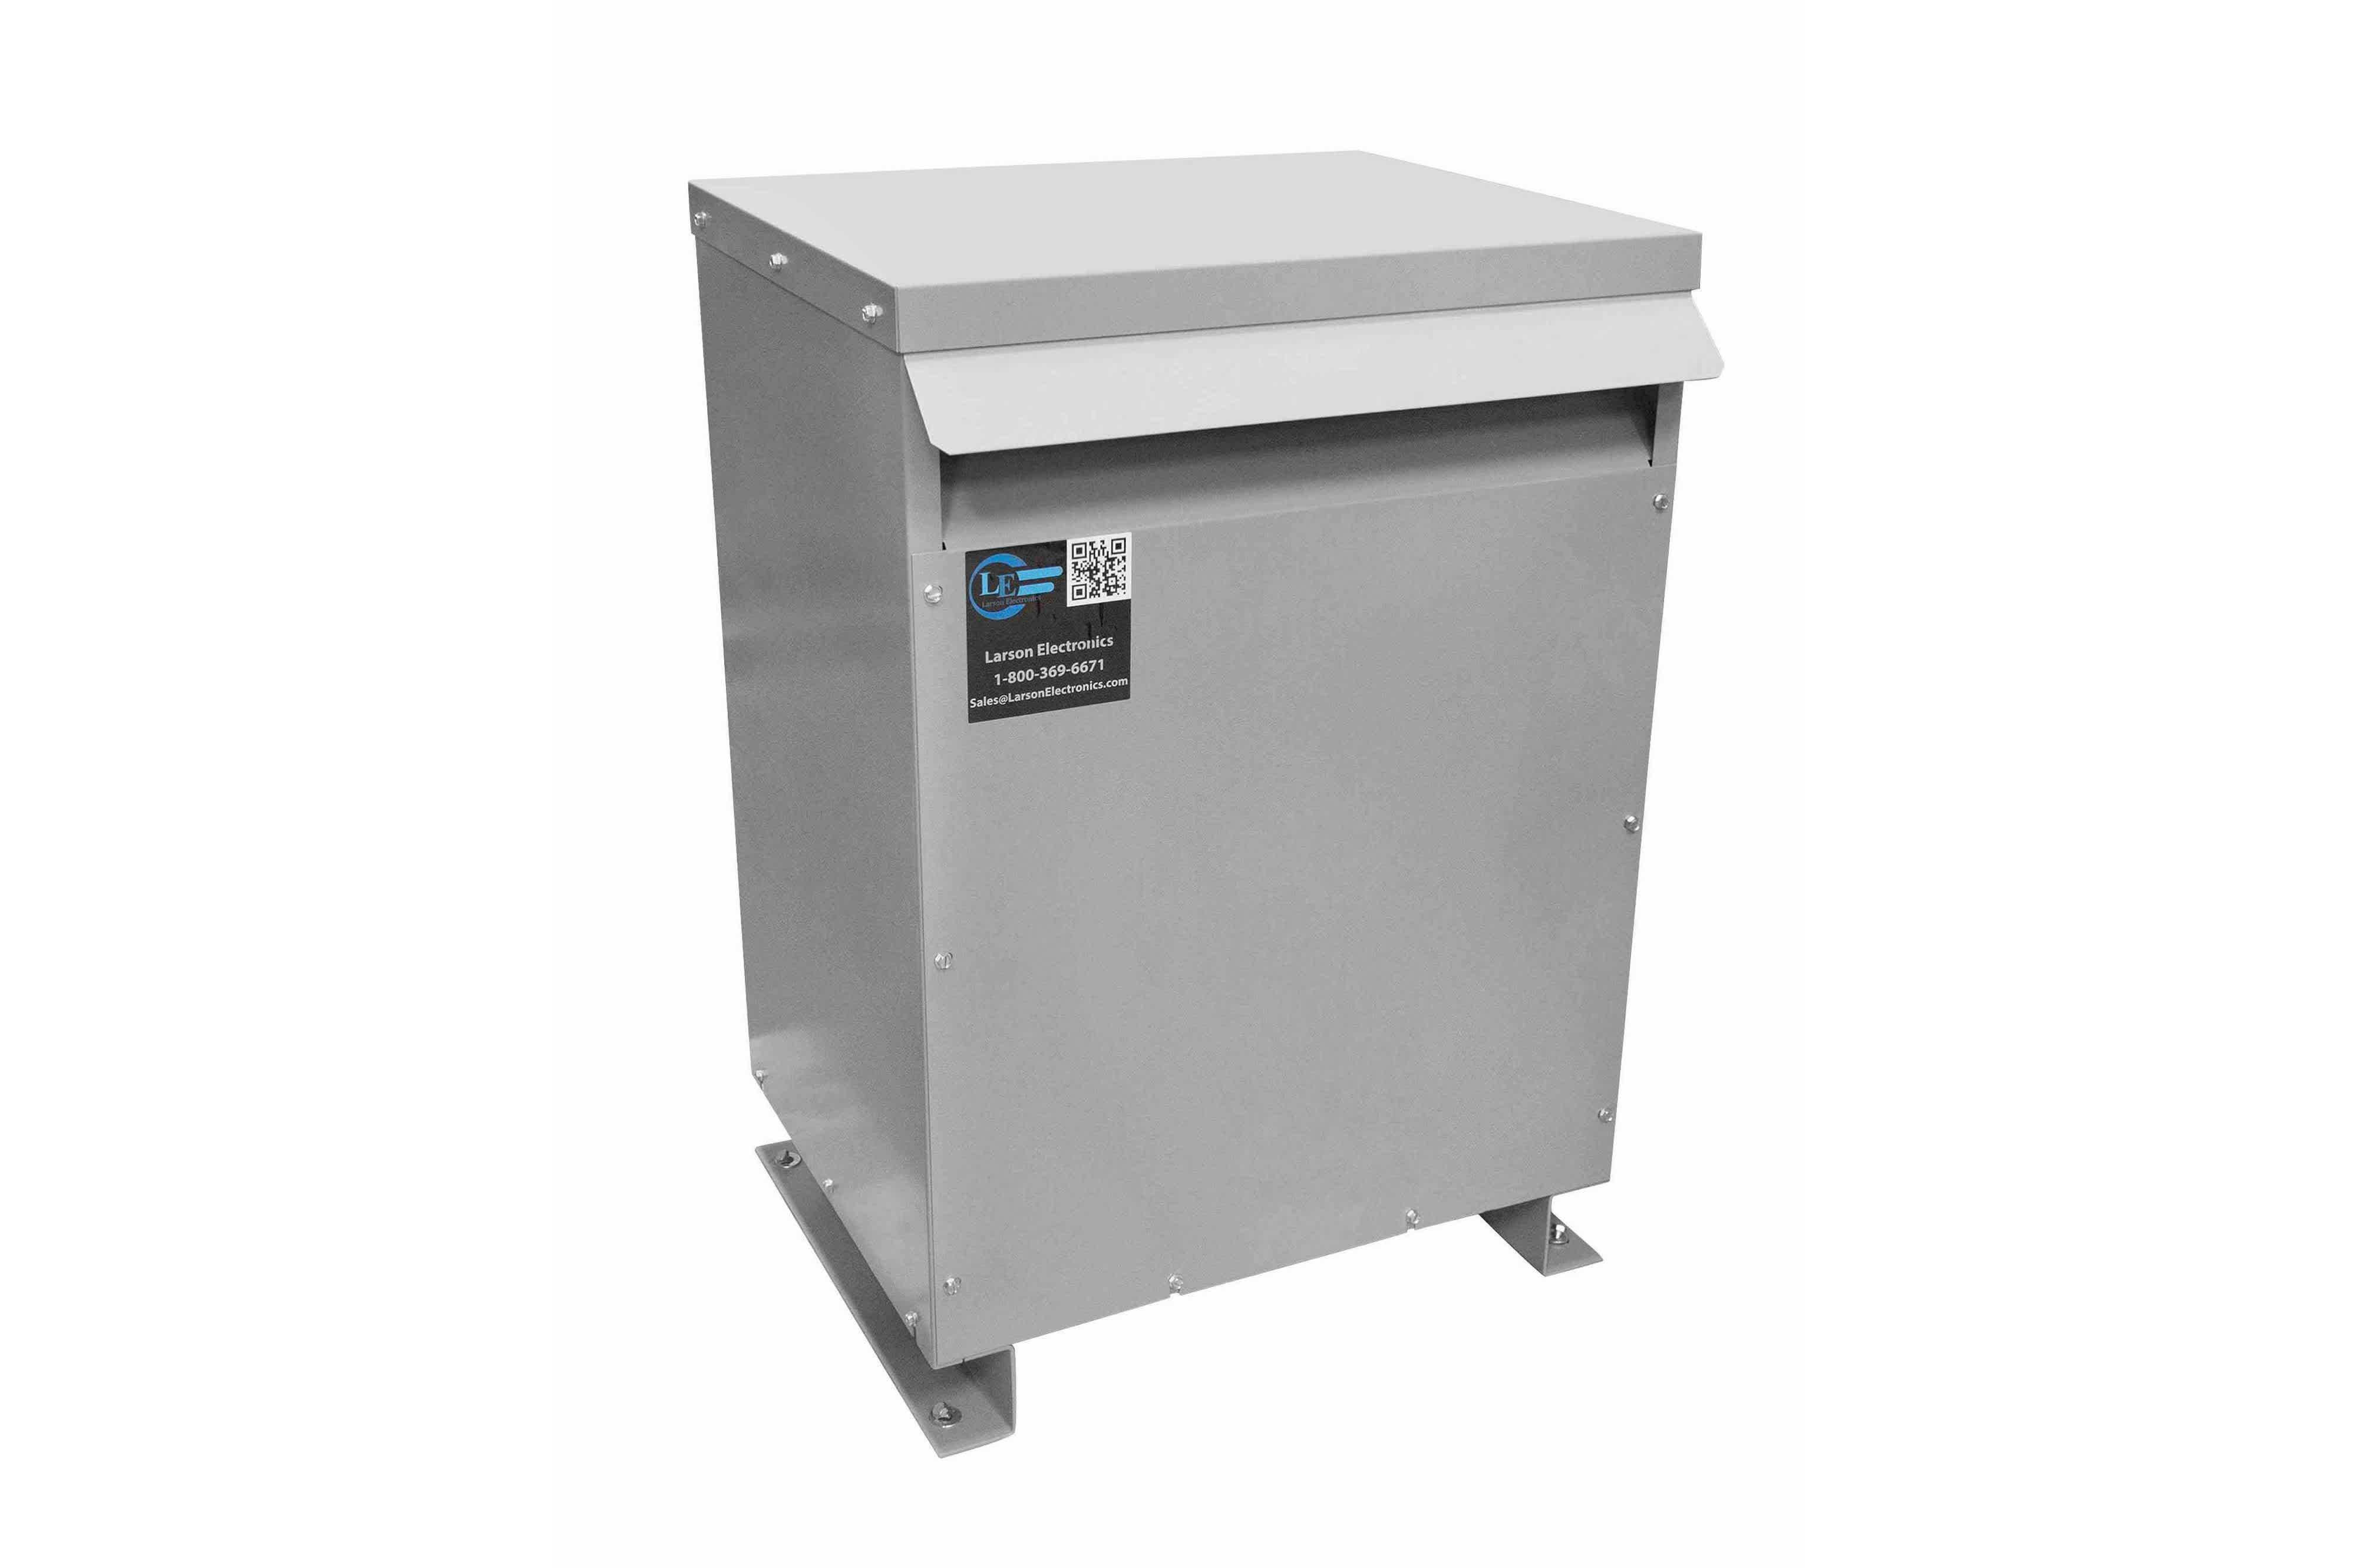 60 kVA 3PH Isolation Transformer, 380V Delta Primary, 240 Delta Secondary, N3R, Ventilated, 60 Hz